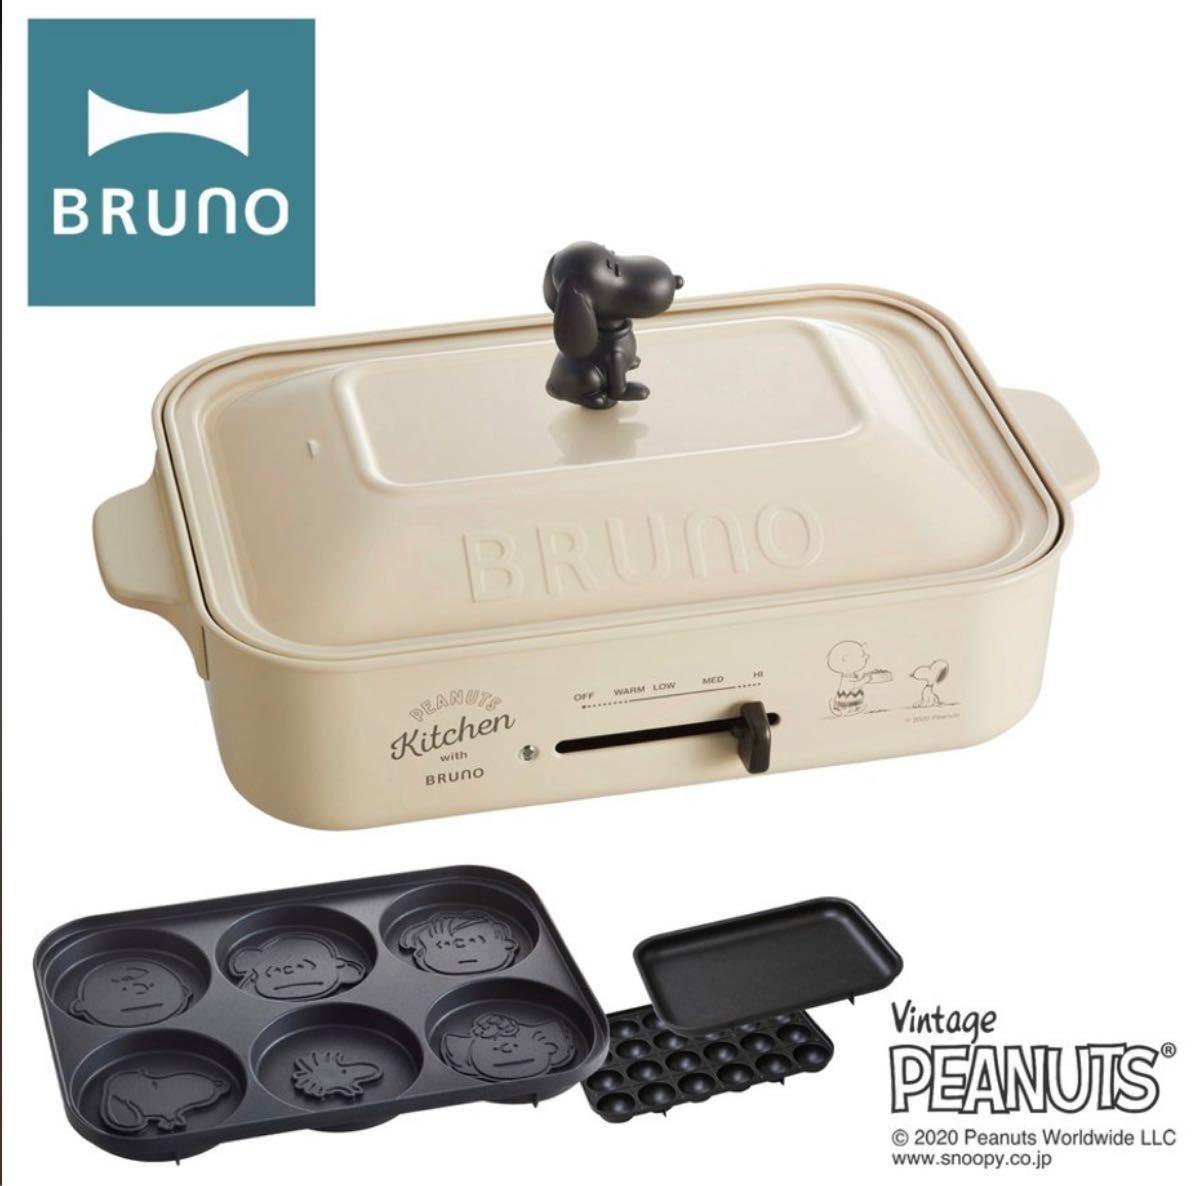 ブルーノ ピーナッツ ホットプレート BOE070 BRUNO PEANUTS スヌーピー コンパクトホットプレート たこ焼き器